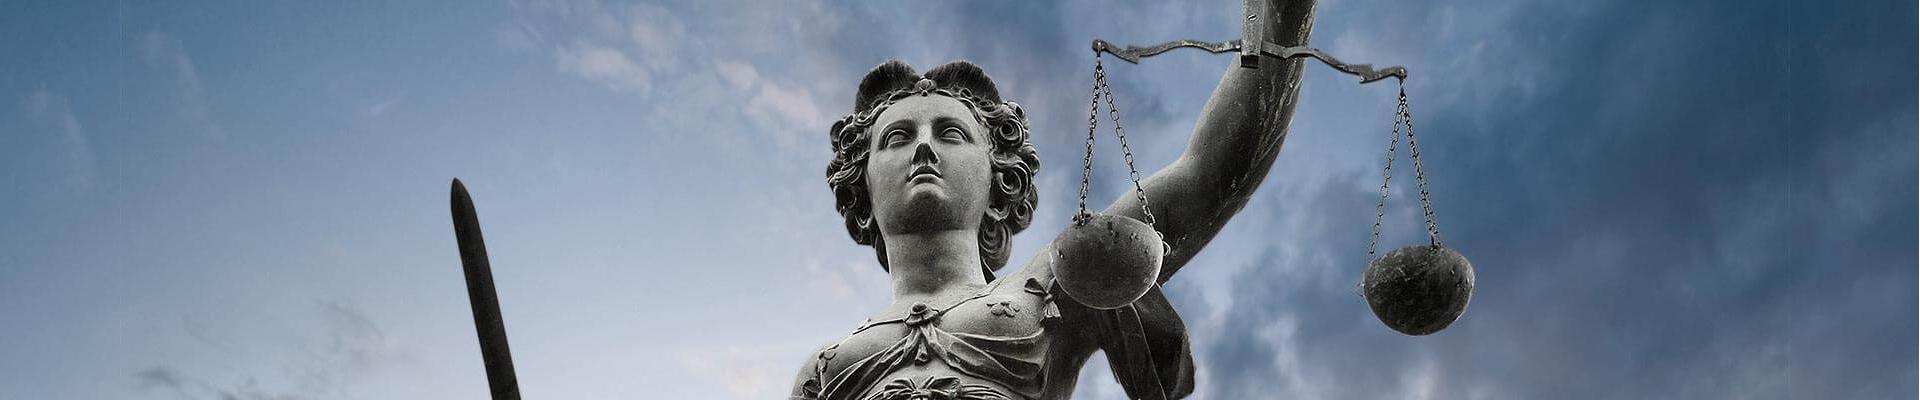 """""""Scherpe analyses en overtuiging in de rechtszaal maken het verschil, zo weten wij."""""""